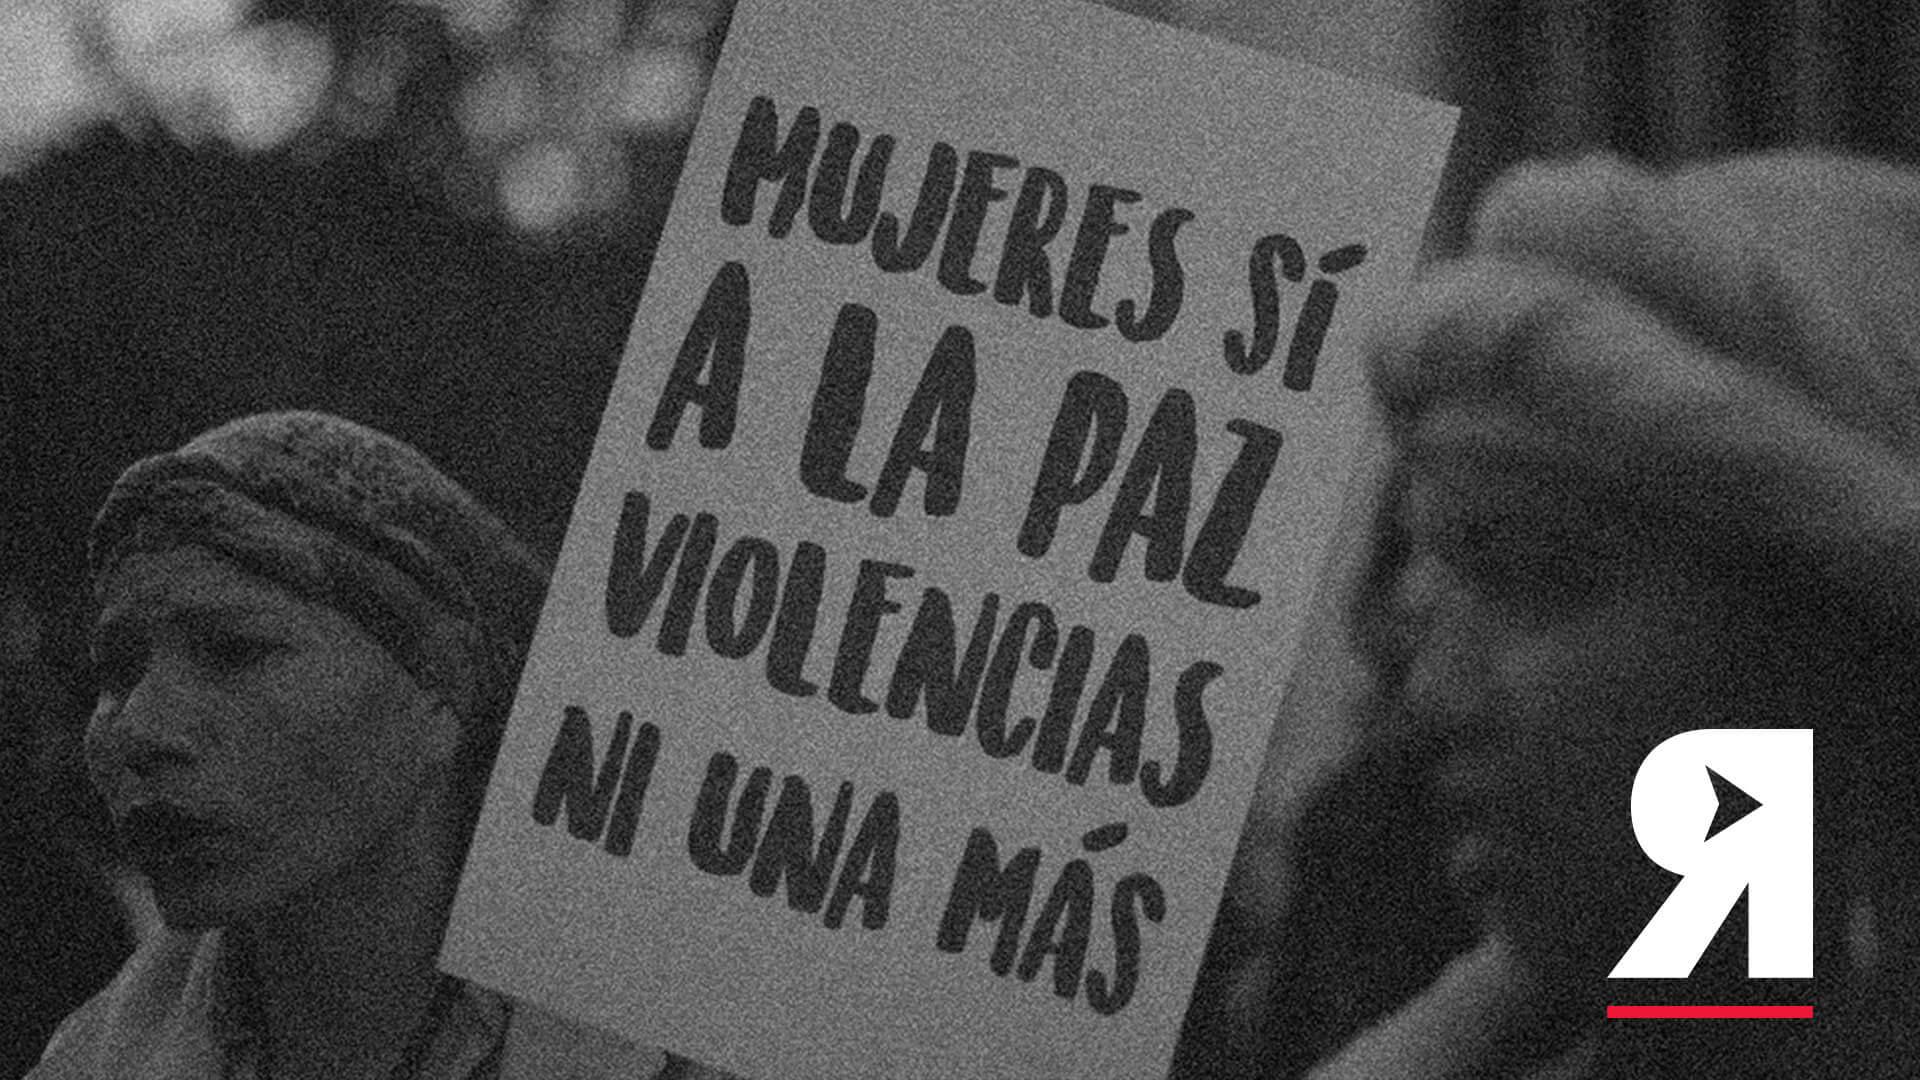 La guía Divergentes de la lucha de las mujeres en Colombia